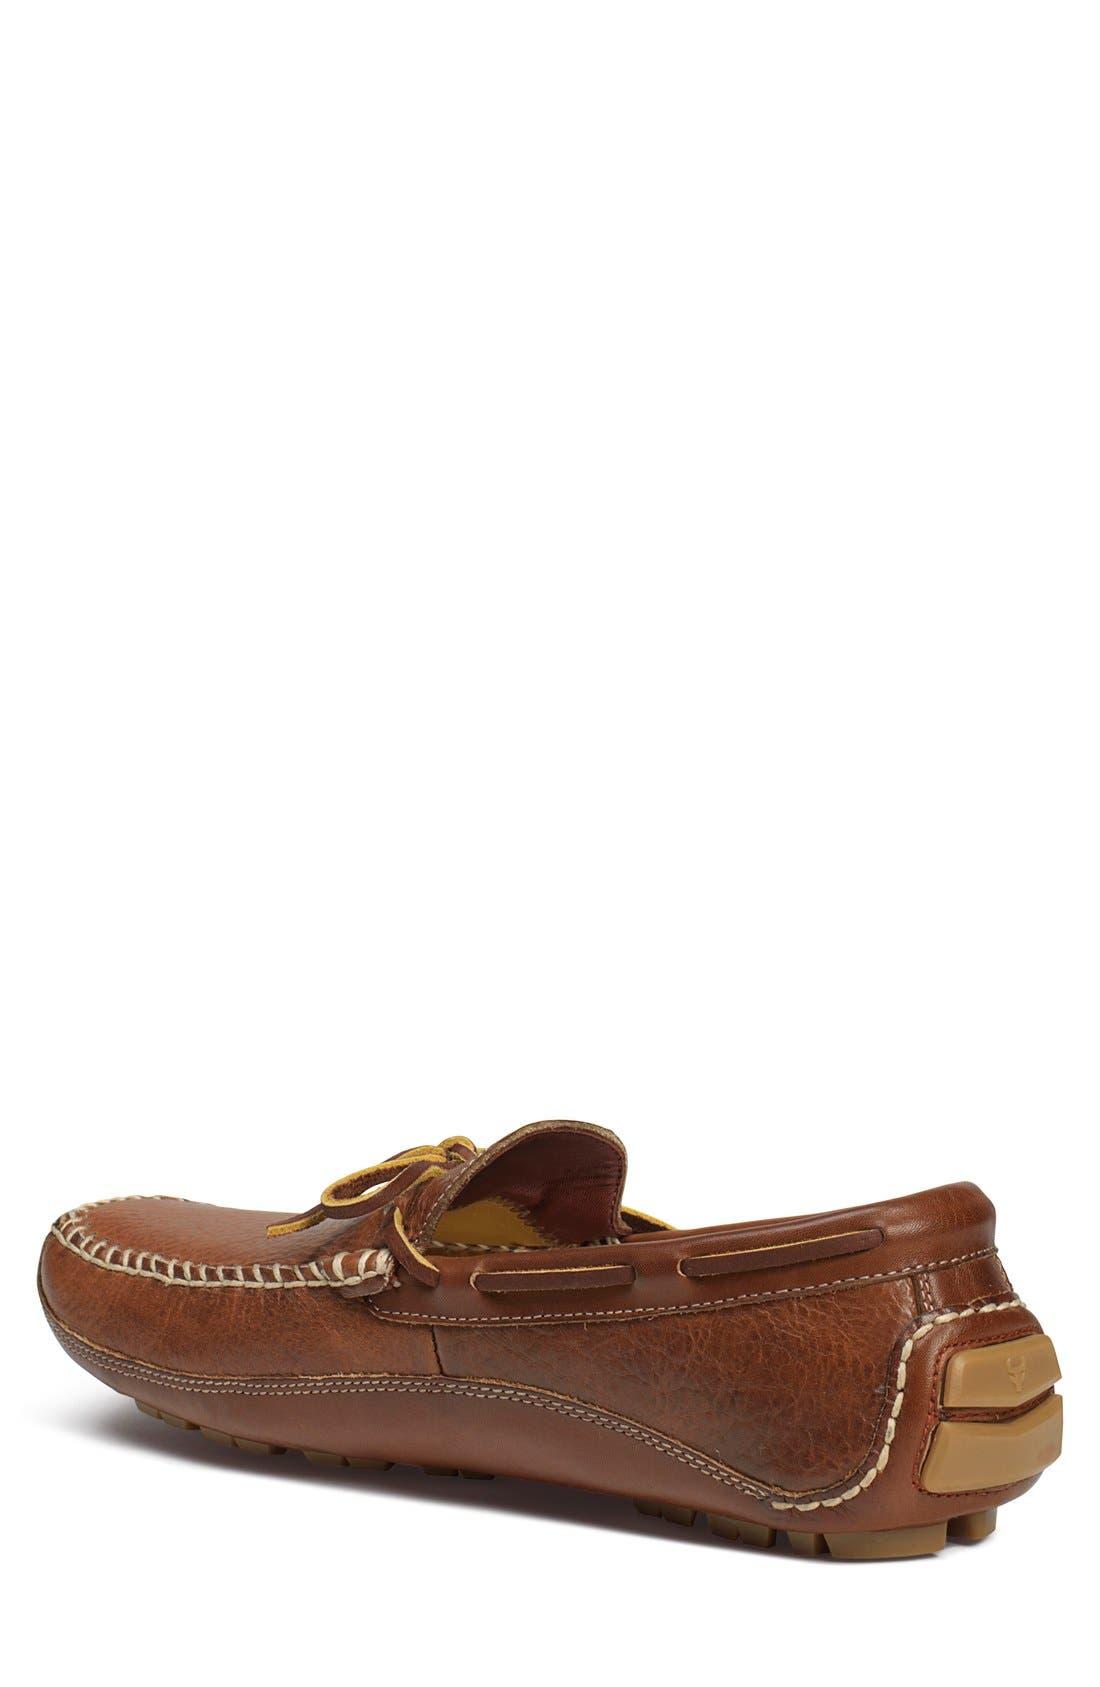 'Drake' Leather Driving Shoe,                             Alternate thumbnail 2, color,                             Saddle Tan